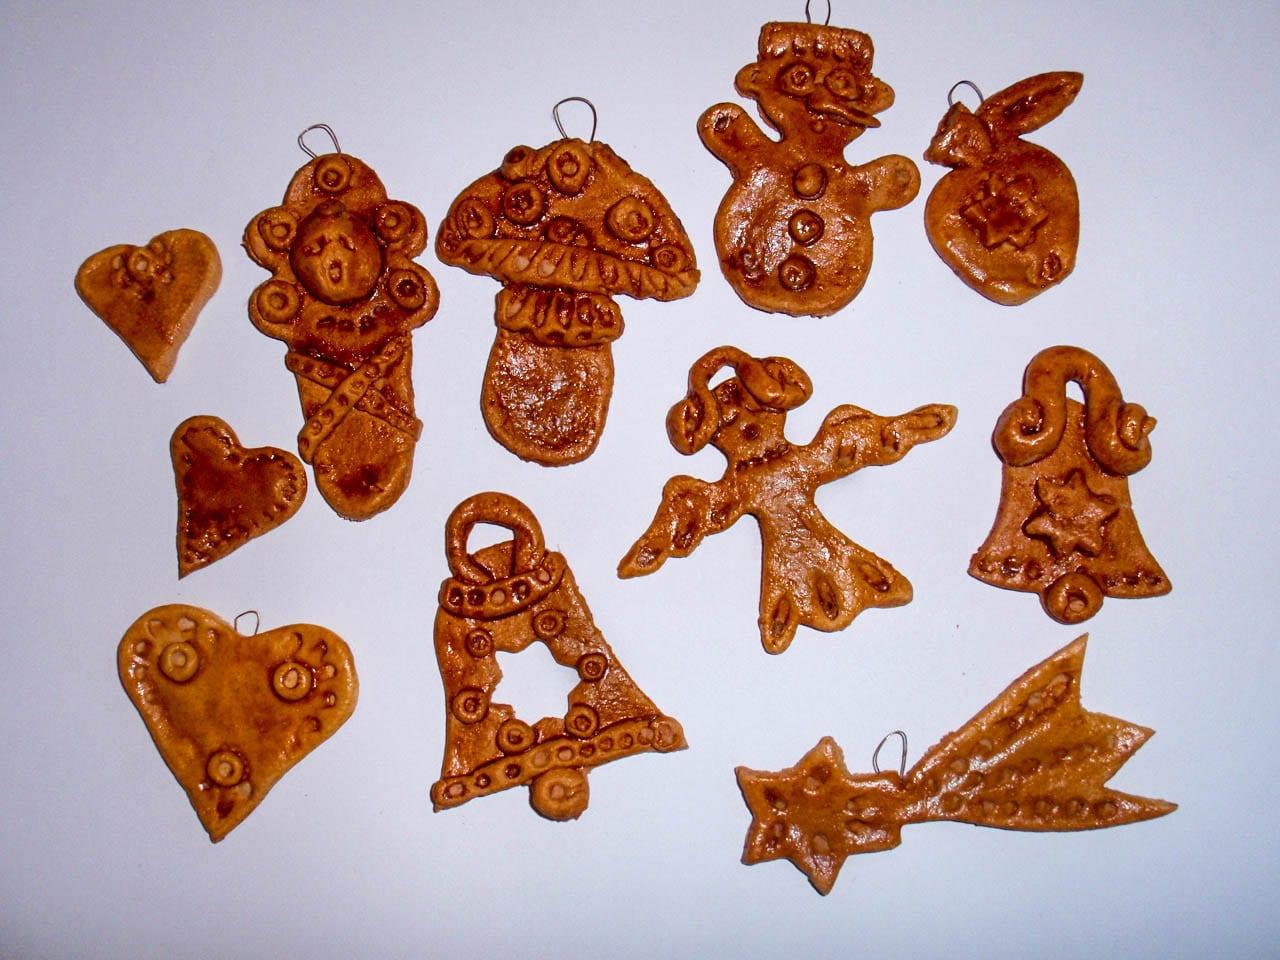 Vánoční ozdoby ze slaného těsta. Výrobky ze slaného těsta a tvoření dekorací na vánoce. Recept na těsto. Inspirace na vánoční tvoření s dětmi.